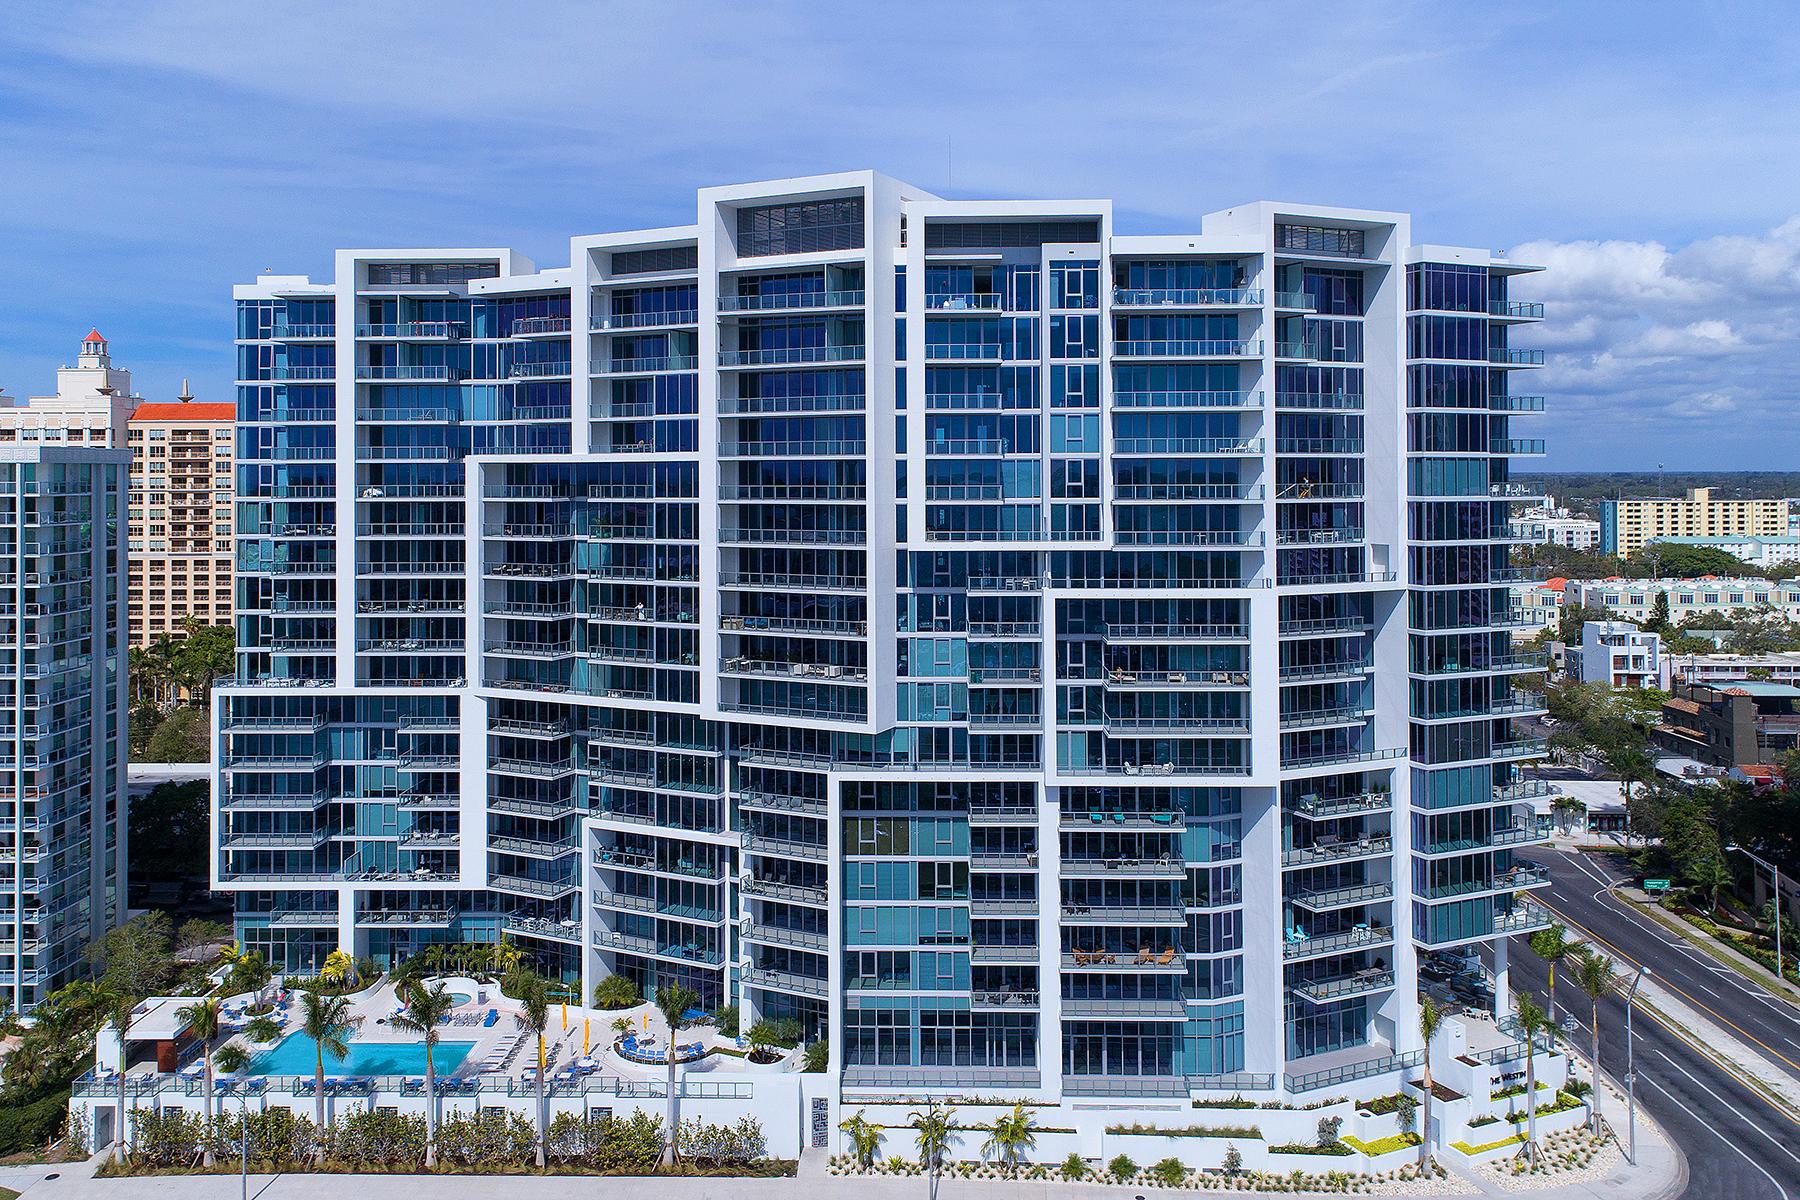 콘도미니엄 용 매매 에 THE VUE 1155 N Gulfstream Ave 404, Sarasota, 플로리다, 34236 미국